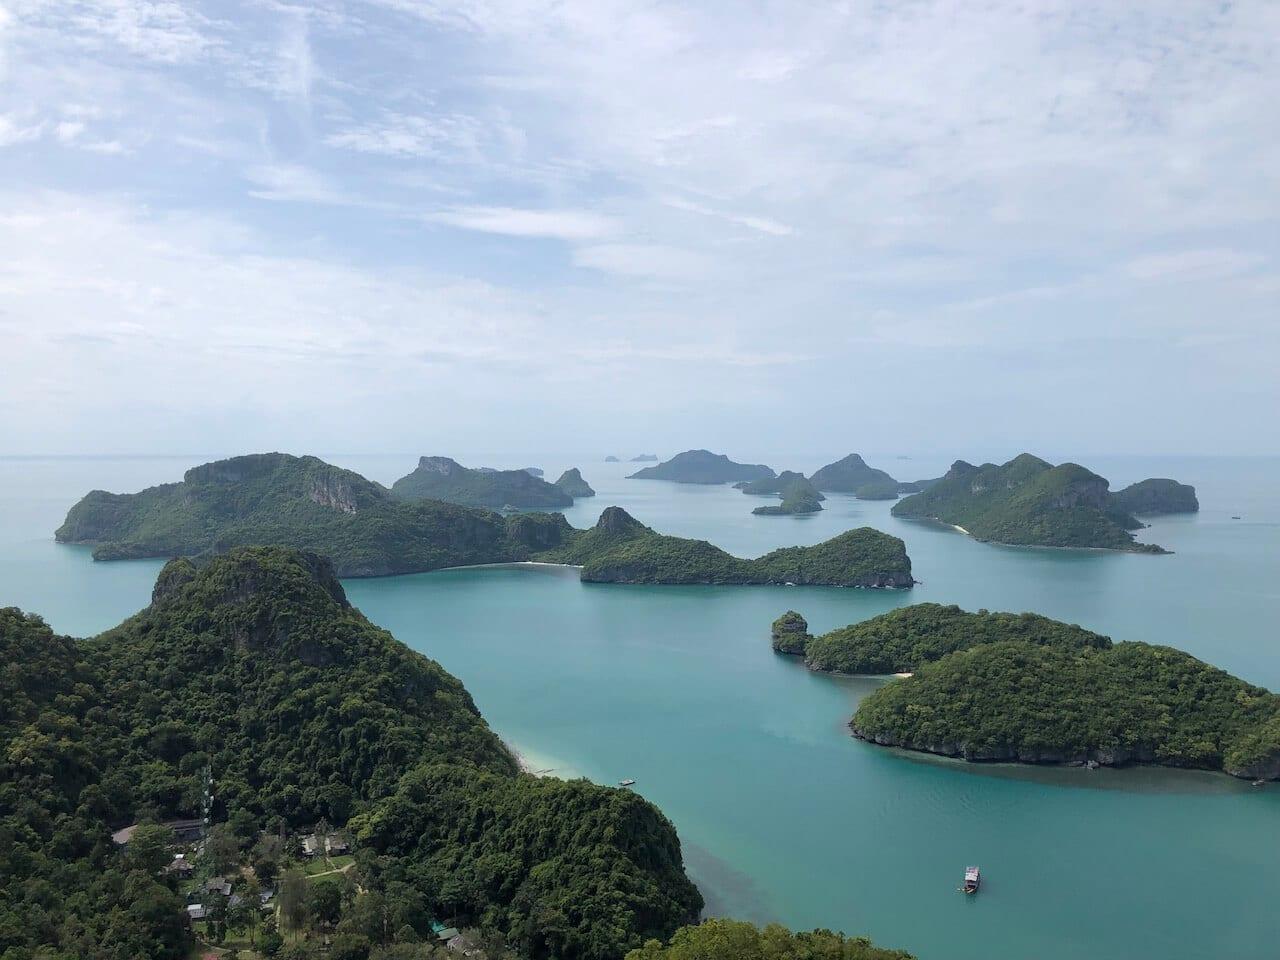 Uitzicht op de eilanden van Ang Thong National Marine park